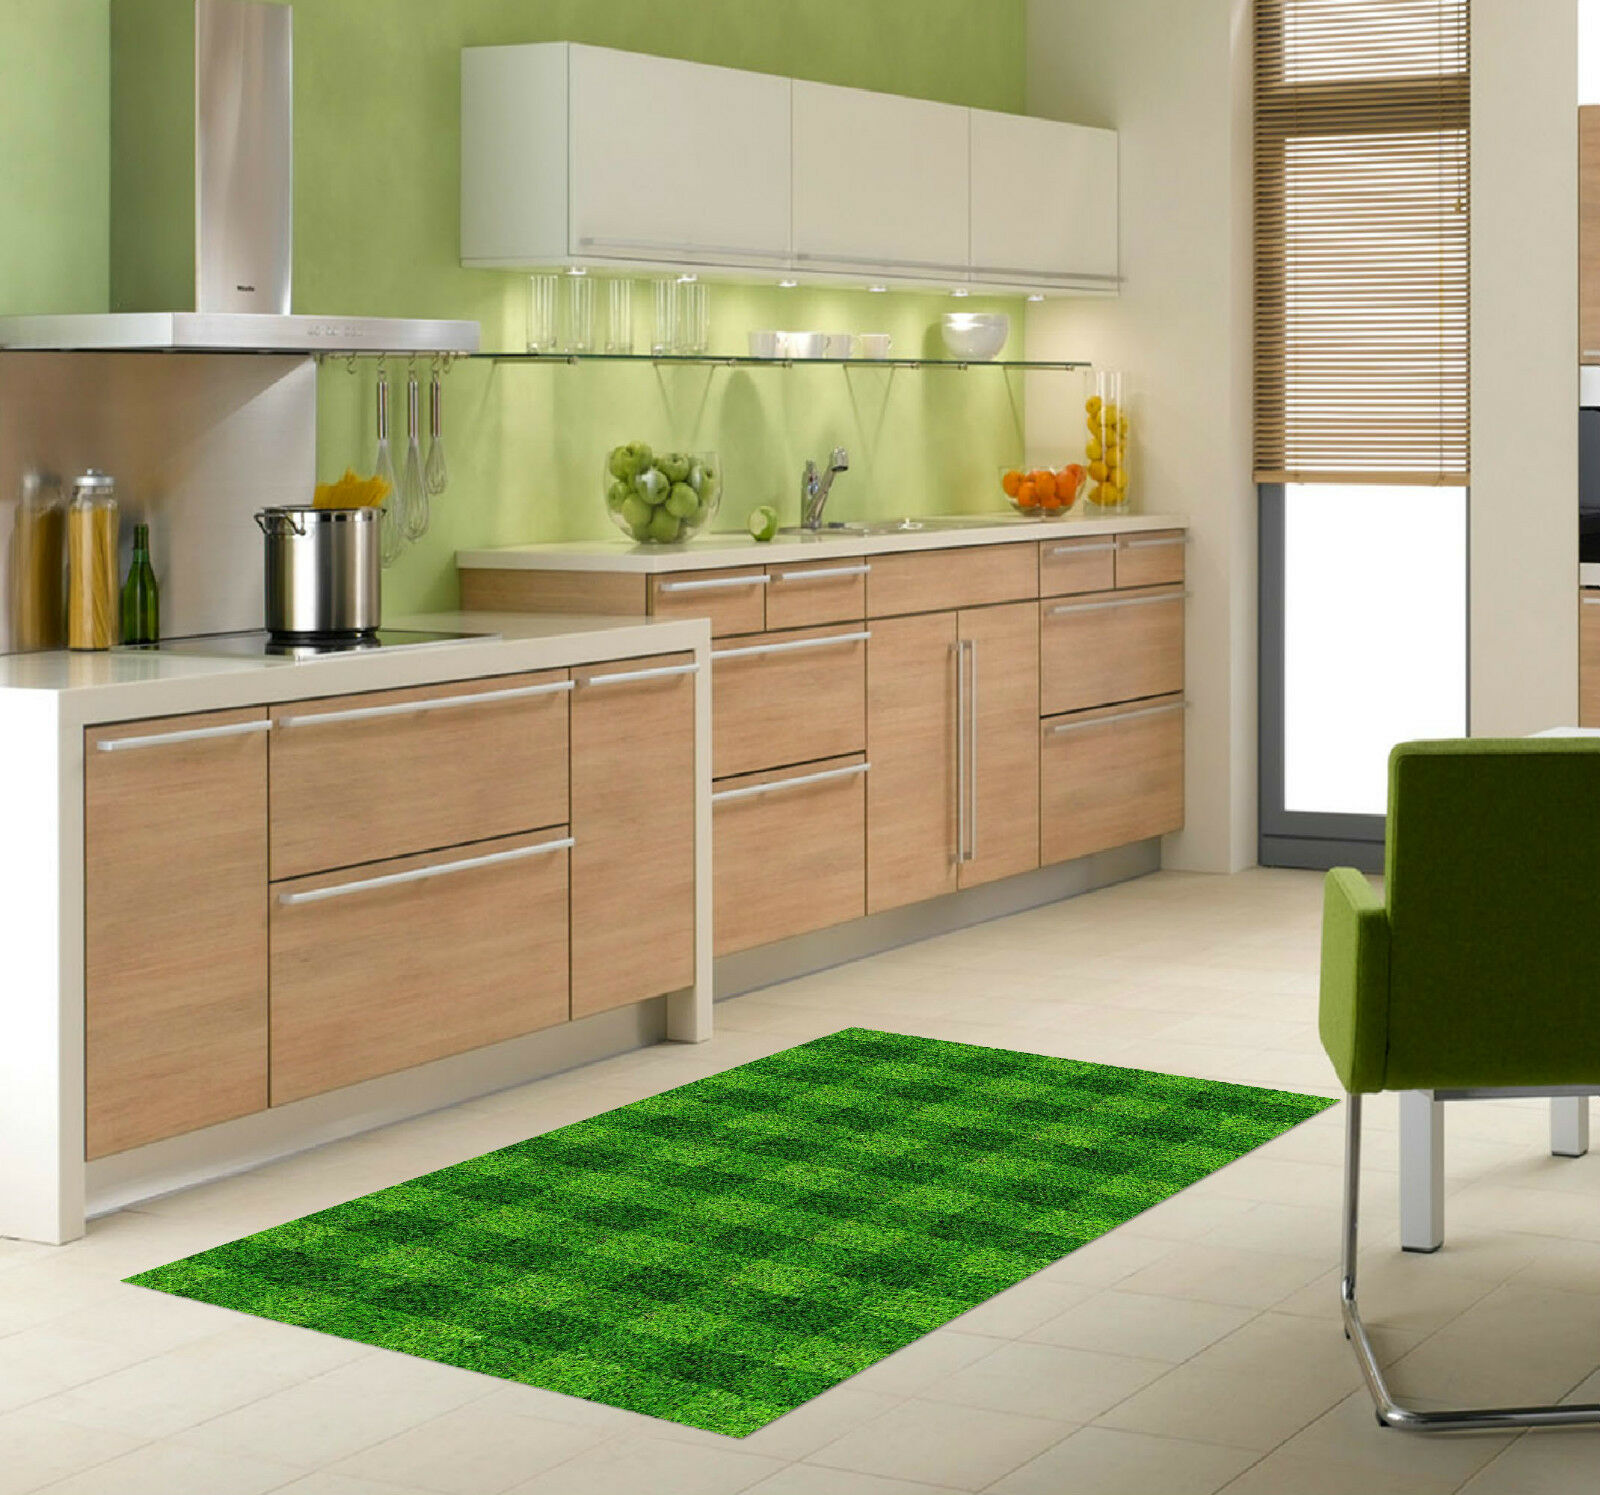 3D Grass Lattice Kitchen Mat Floor Murals Wall Print Wall Deco AJ WALLPAPER CA